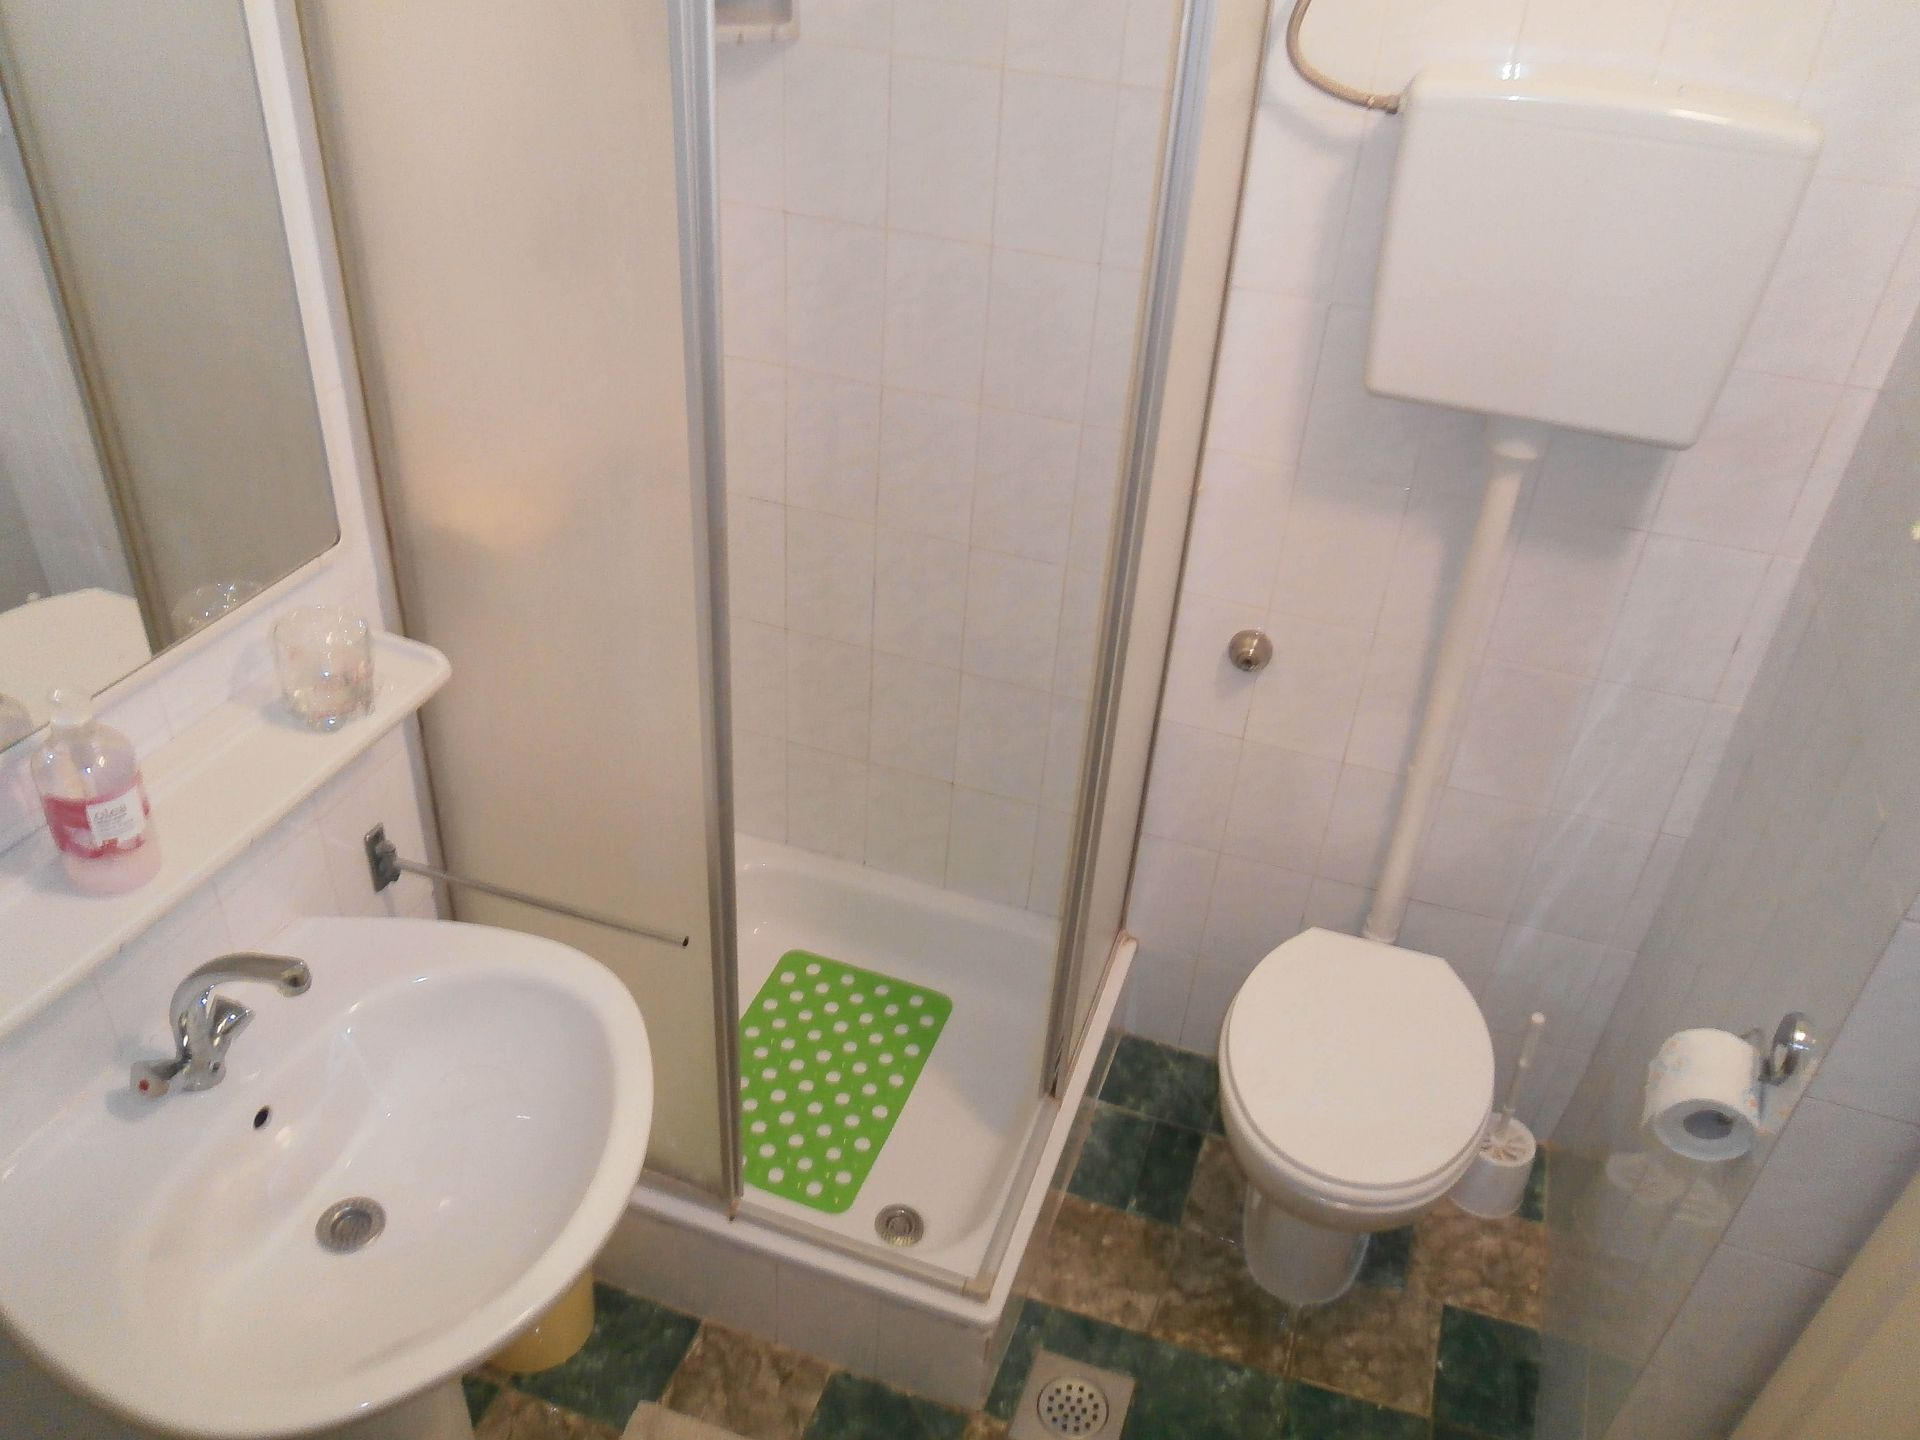 4981  - Jelsa - Appartementen Kroatië - A1(2+2): badkamer met toilet